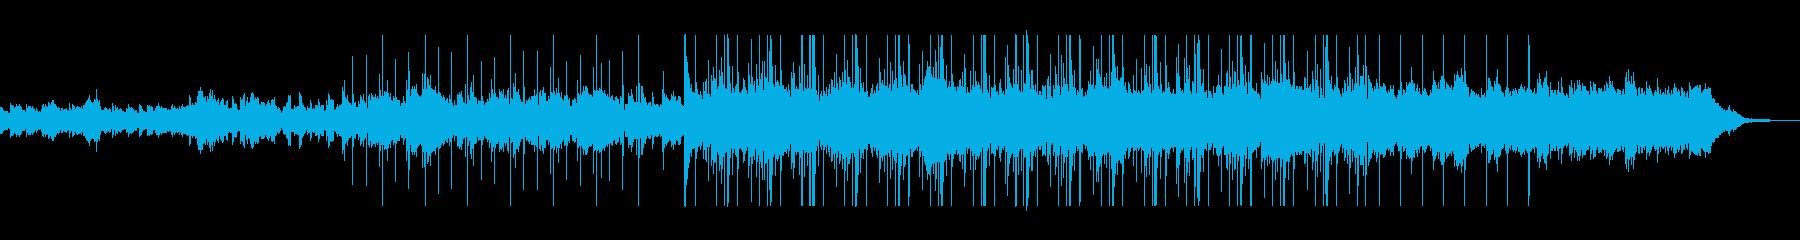 神秘的でミステリアスなシンセサイザーの再生済みの波形